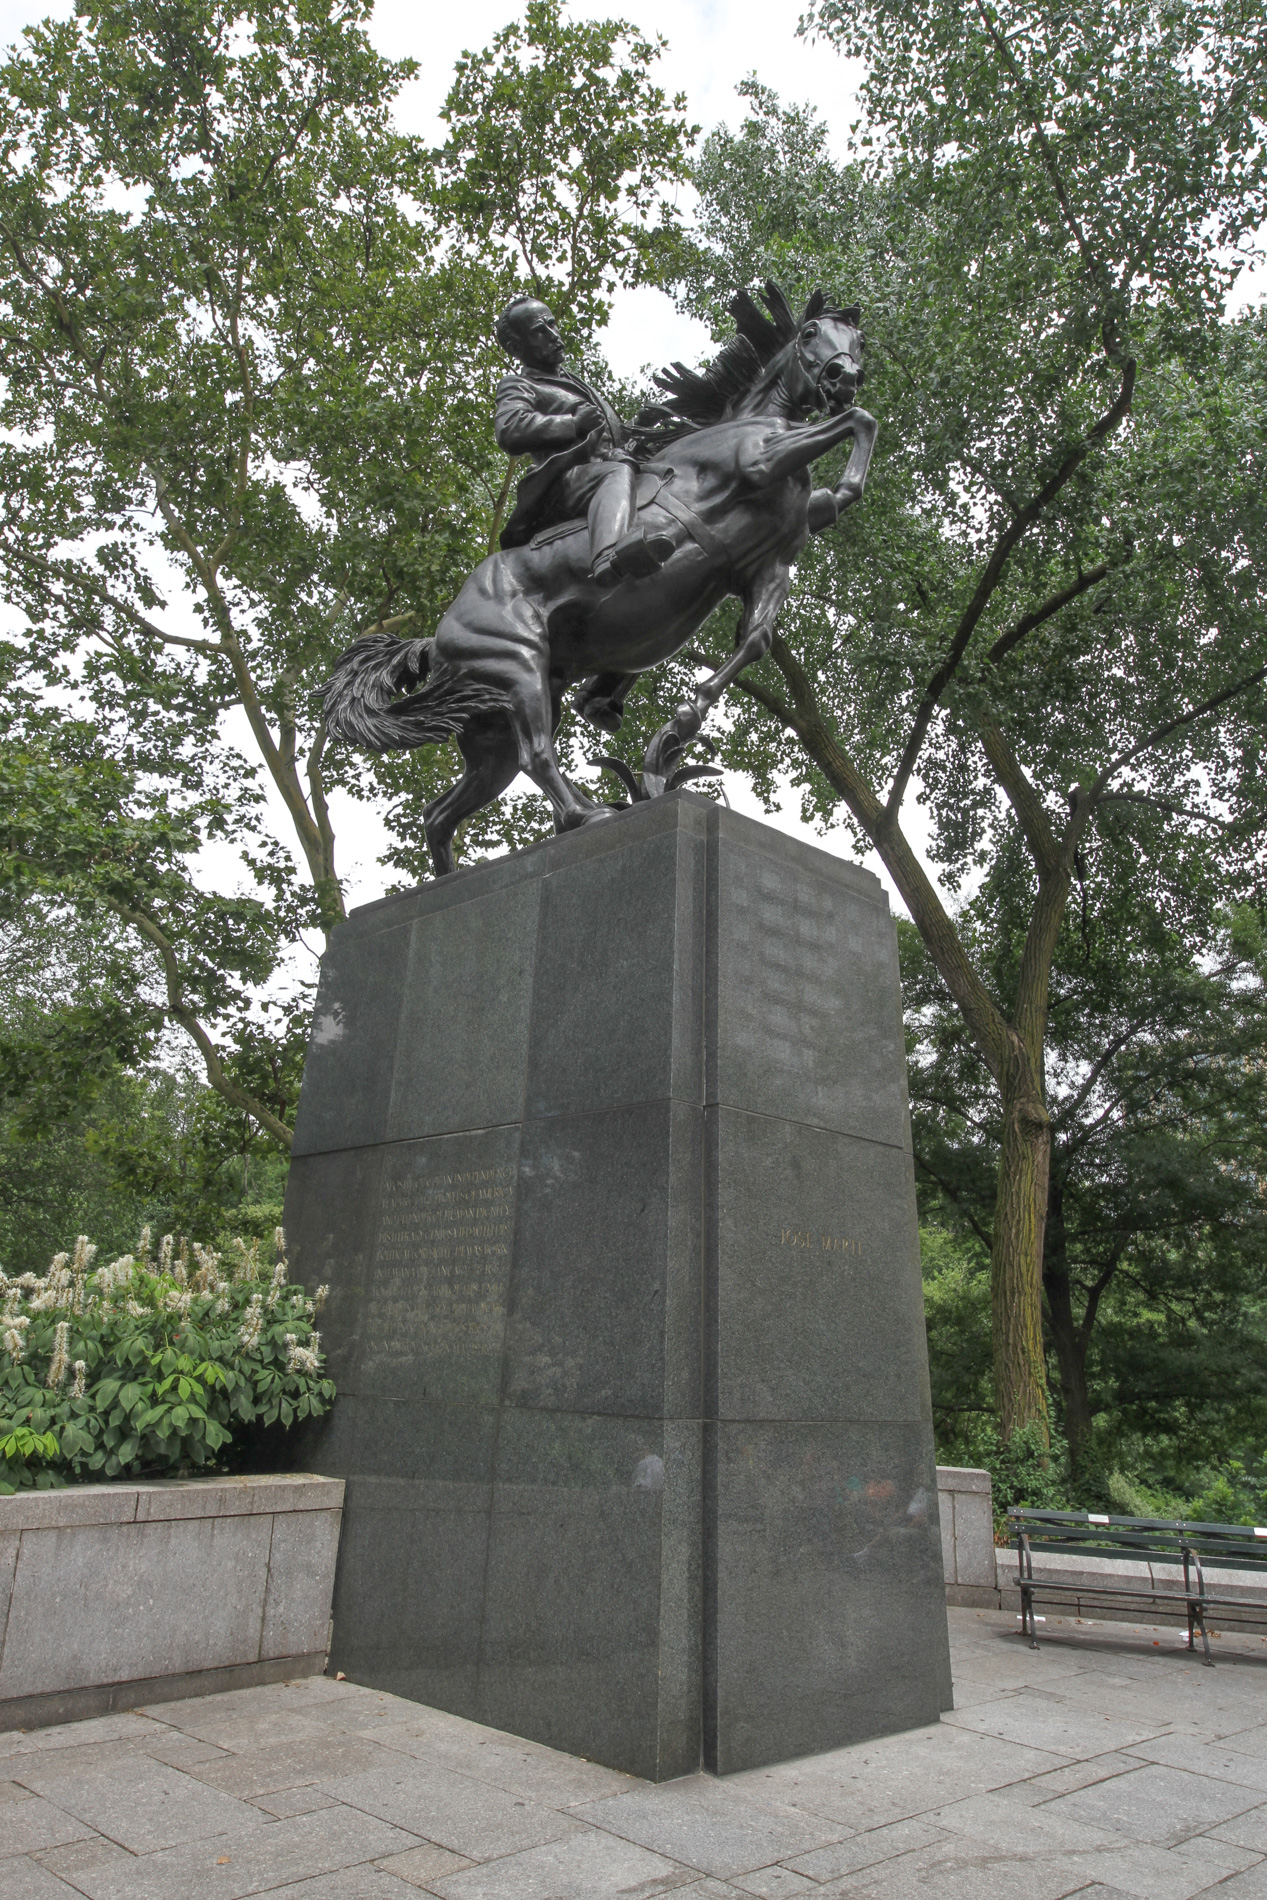 Statue, Sculpture, Monument, Memorial